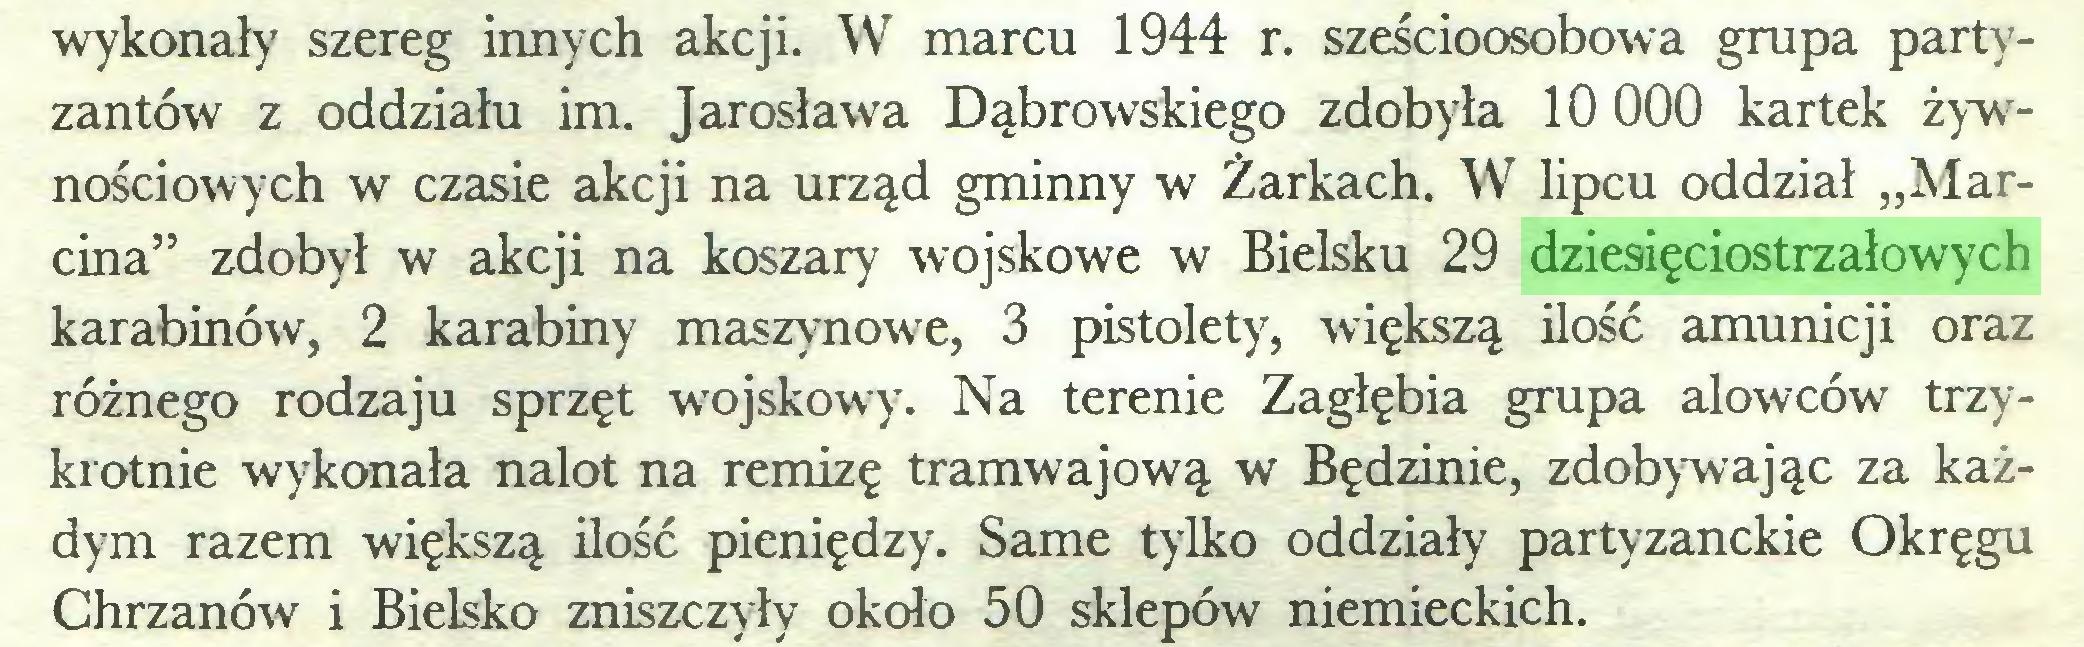 """(...) wykonały szereg innych akcji. W marcu 1944 r. sześcioosobowa grupa partyzantów z oddziału im. Jarosława Dąbrowskiego zdobyła 10 000 kartek żywnościowych w czasie akcji na urząd gminny w Żarkach. W lipcu oddział """"Marcina"""" zdobył w akcji na koszary wojskowe w Bielsku 29 dziesięciostrzałowych karabinów, 2 karabiny maszynowe, 3 pistolety, większą ilość amunicji oraz różnego rodzaju sprzęt wojskowy. Na terenie Zagłębia grupa alowców trzykrotnie wykonała nalot na remizę tramwajową w Będzinie, zdobywając za każdym razem większą ilość pieniędzy. Same tylko oddziały partyzanckie Okręgu Chrzanów i Bielsko zniszczyły około 50 sklepów niemieckich..."""